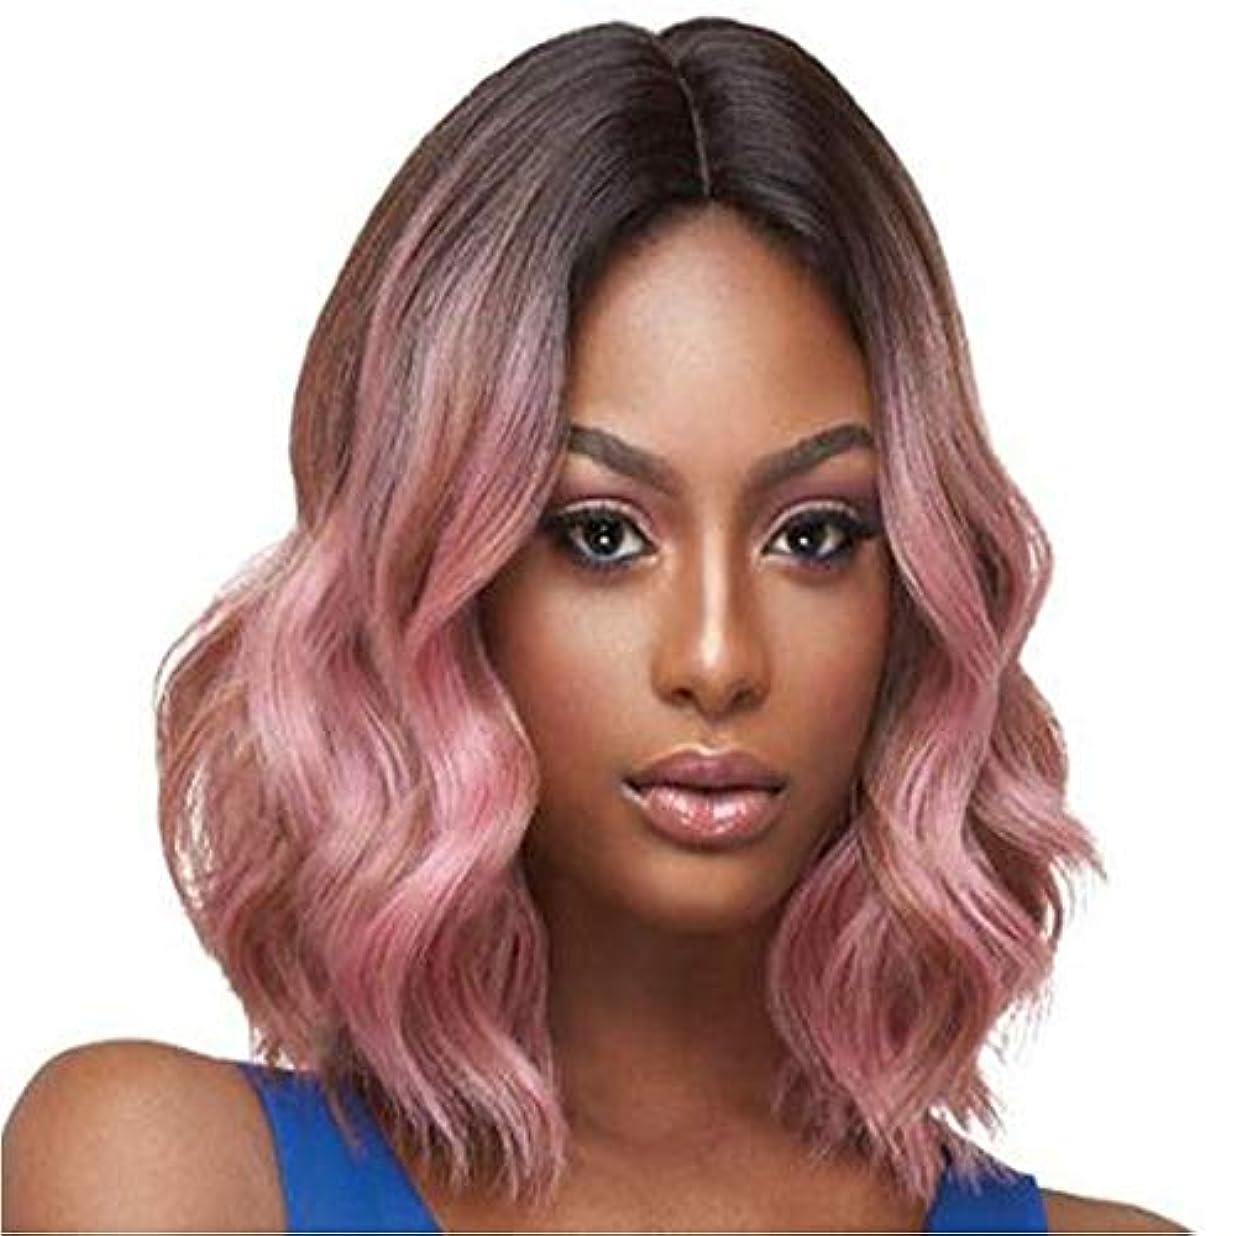 反逆者製作免疫ヘアエクステンションピンクショート合成かつら女性用髪水波かつら高温ファイバーウィッグボブヘアカットショートオンブル合成かつら女性用デイウェアコスプレやパーティー